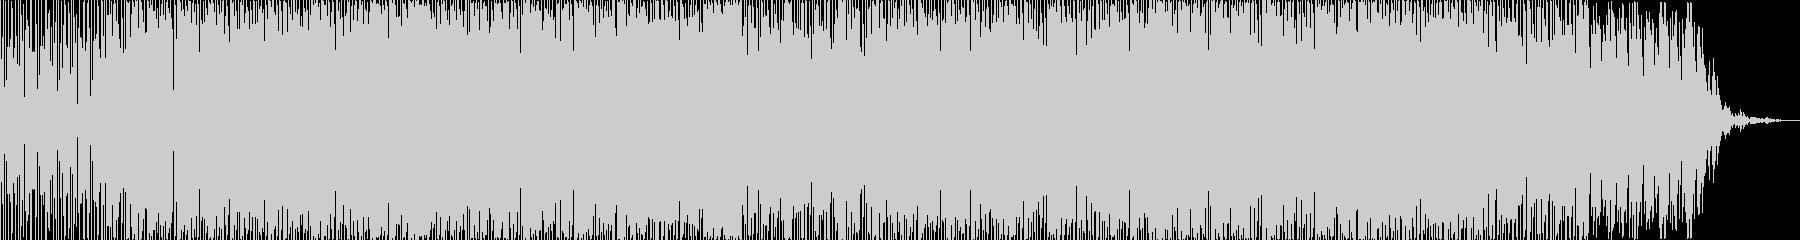 ほのぼのした雰囲気のポップなボサノバの未再生の波形